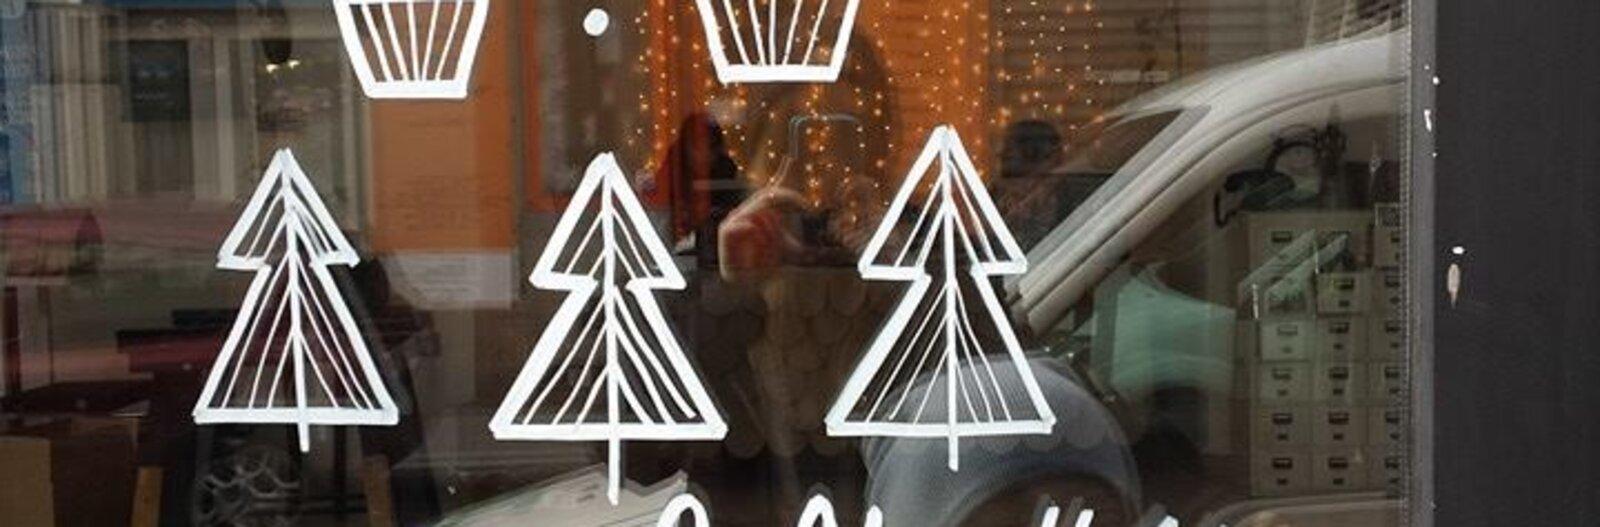 Dizájnkarácsony - Kihagyhatatlan ajándéklelőhelyek Budapesten